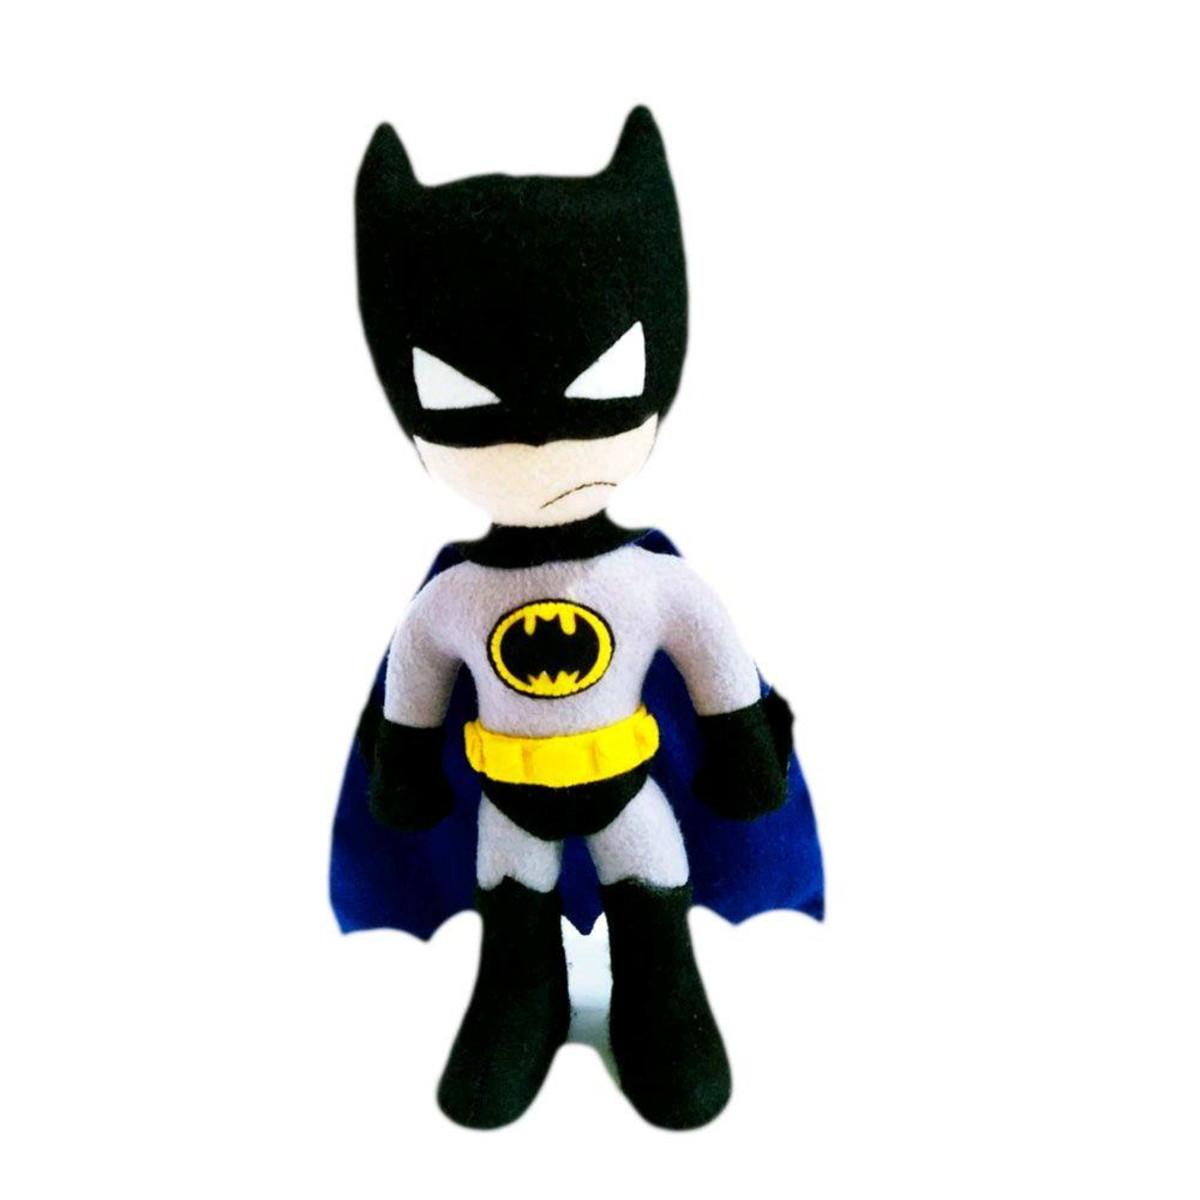 Zoom · Boneco Batman boneco-batman-dc-de-feltro-dc d62dbd3b1ea